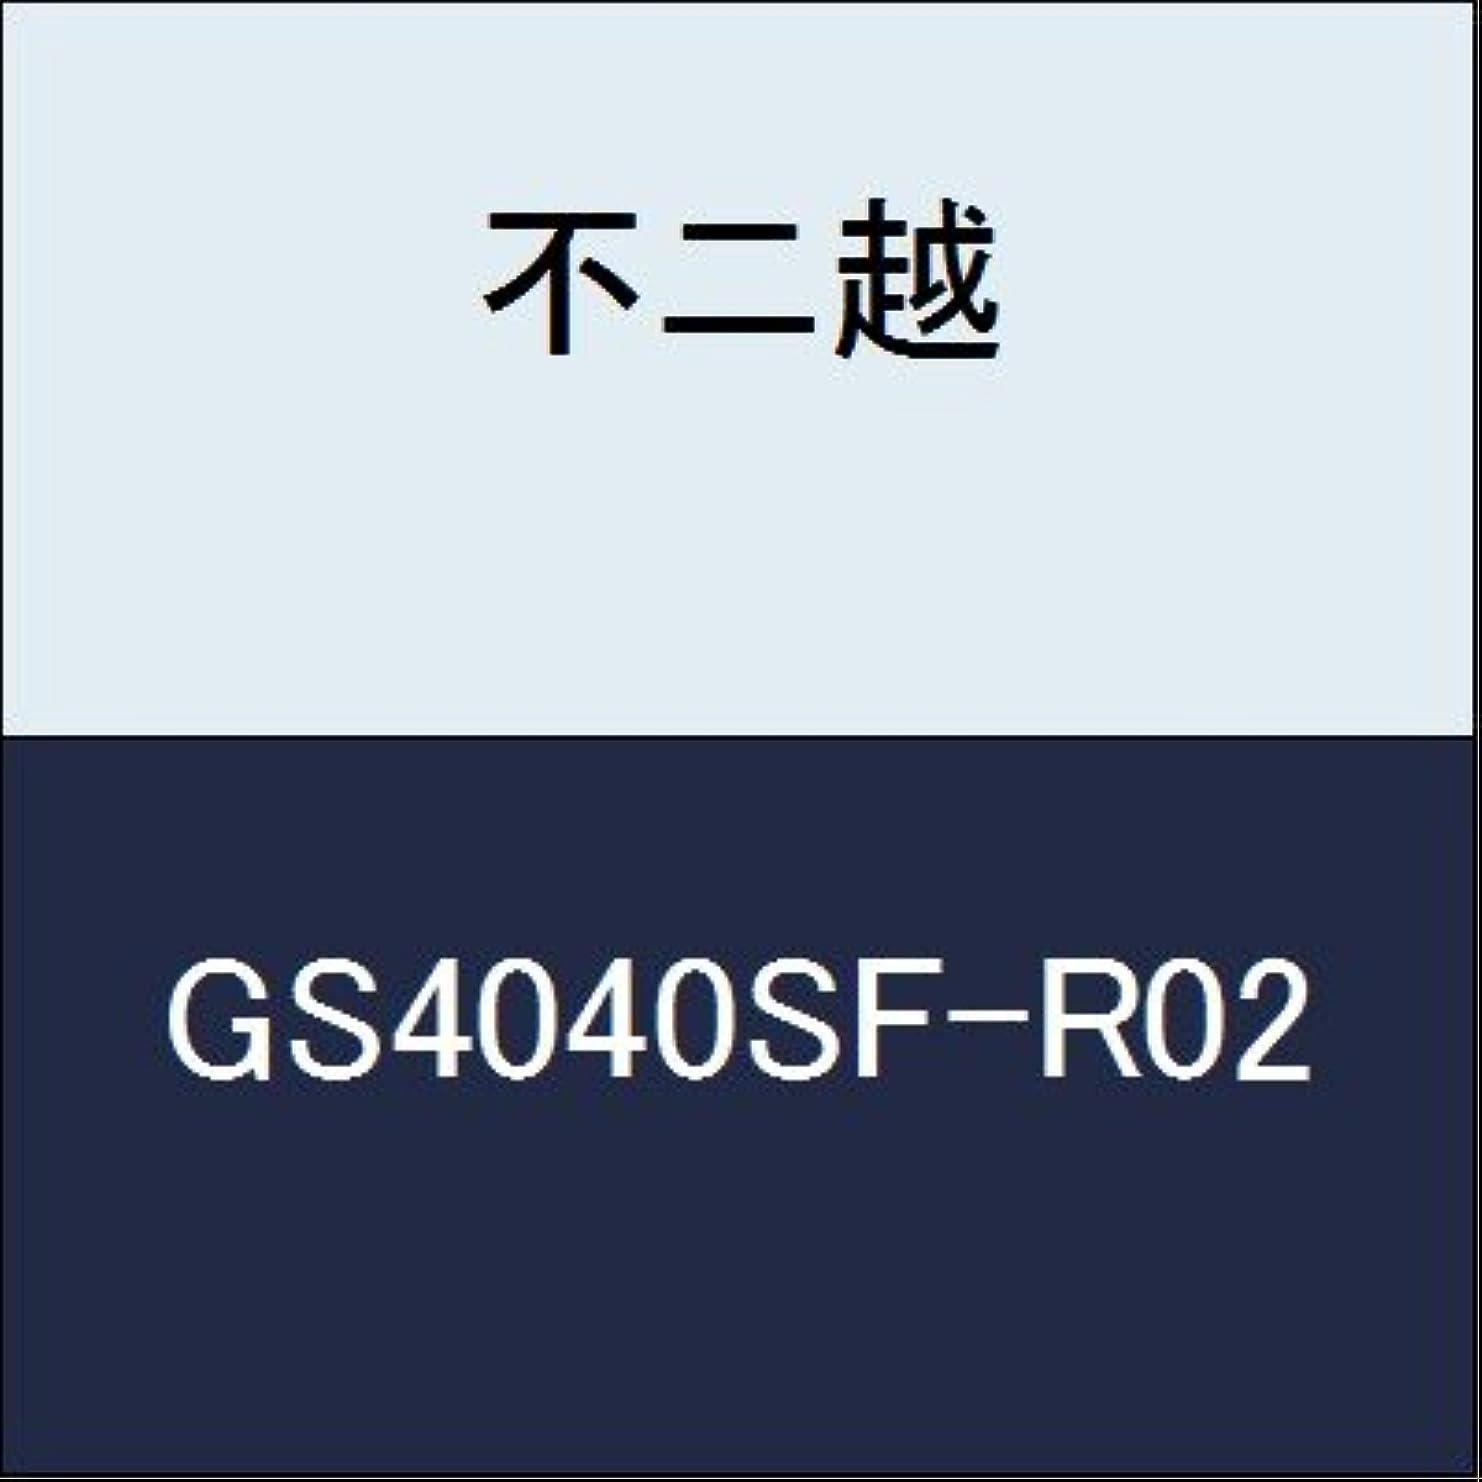 裏切りパリティ悩む不二越 切削工具 GSミルラジアス GS4040SF-R02